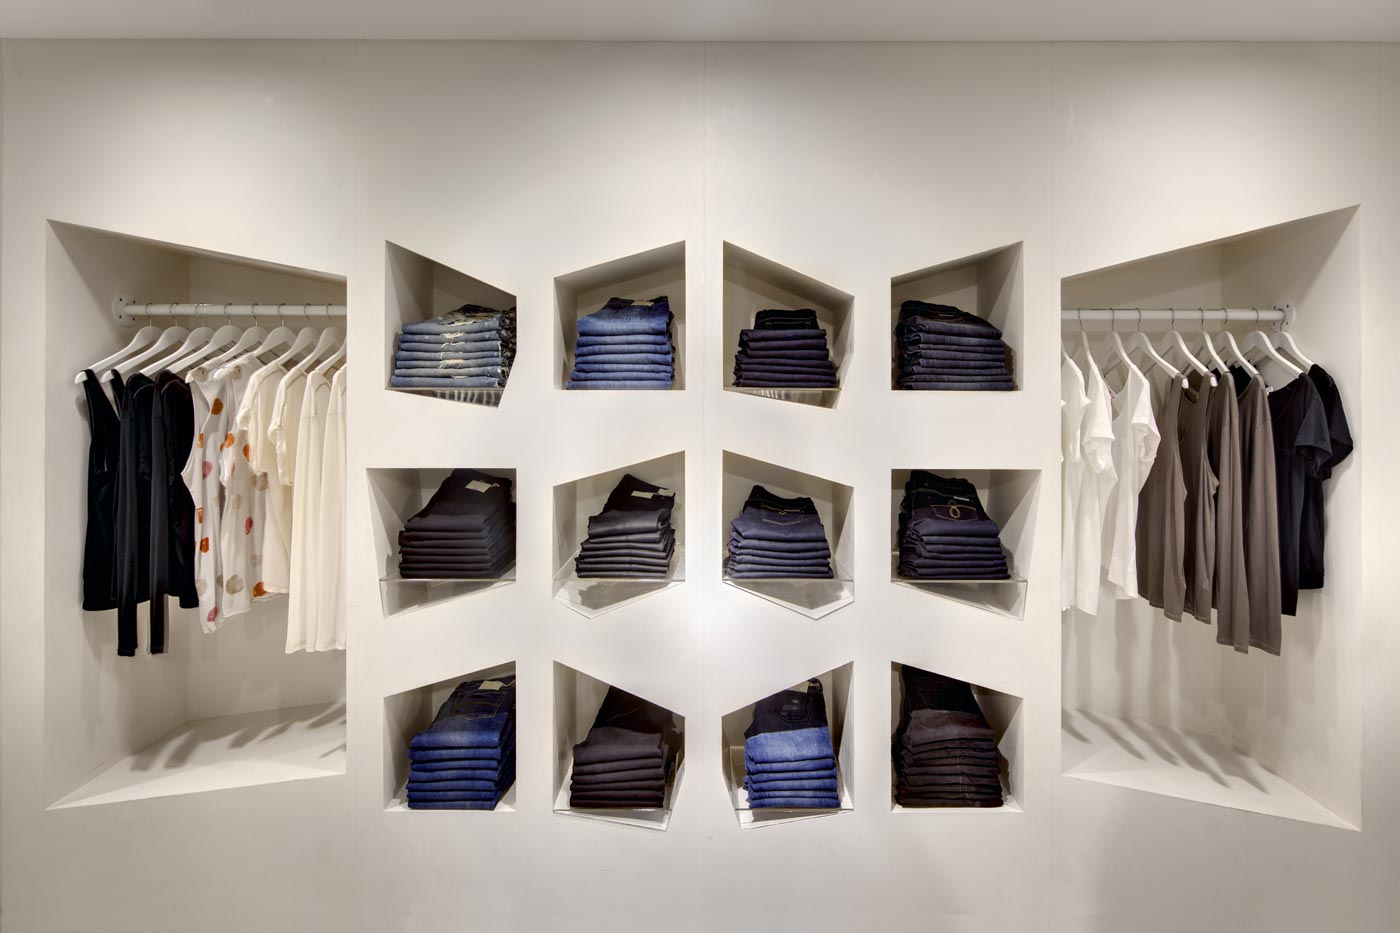 La boutique Sass & Bide, en Australie. Ces éléments visuels originaux, répondent à la demande sensorielle et esthétique des consommateurs.